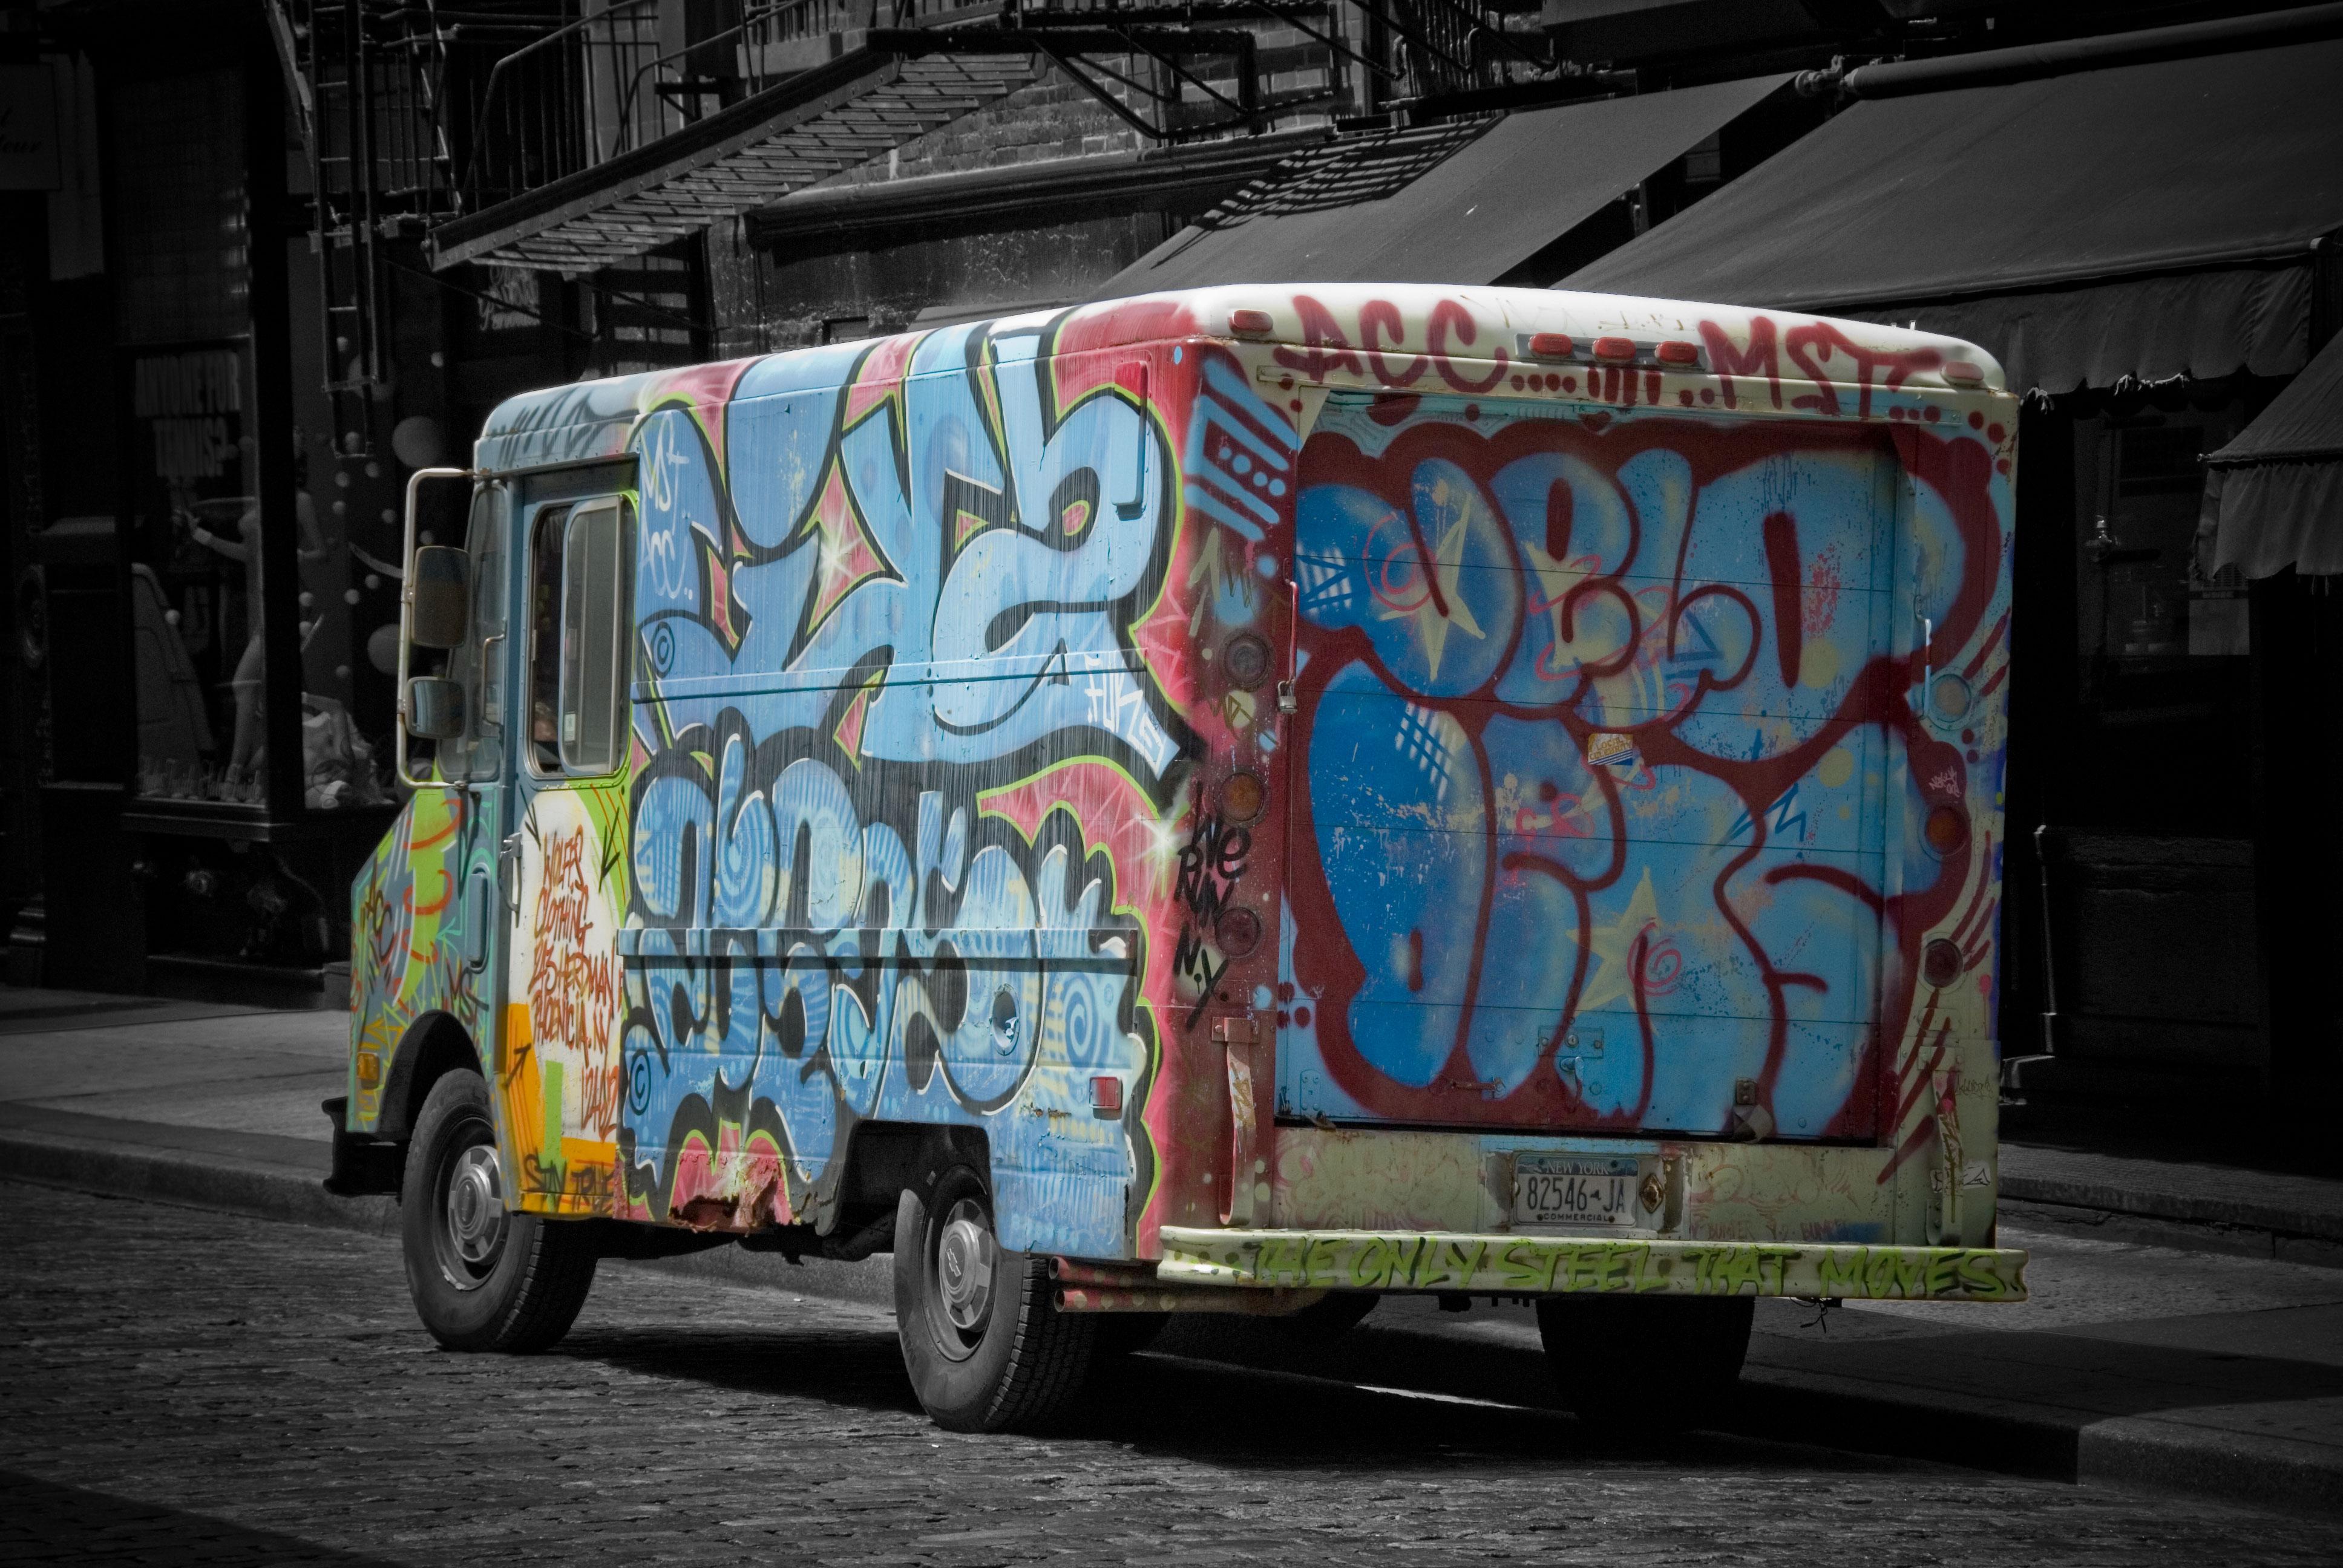 граффити смешные обои фото составе фирменного поезда